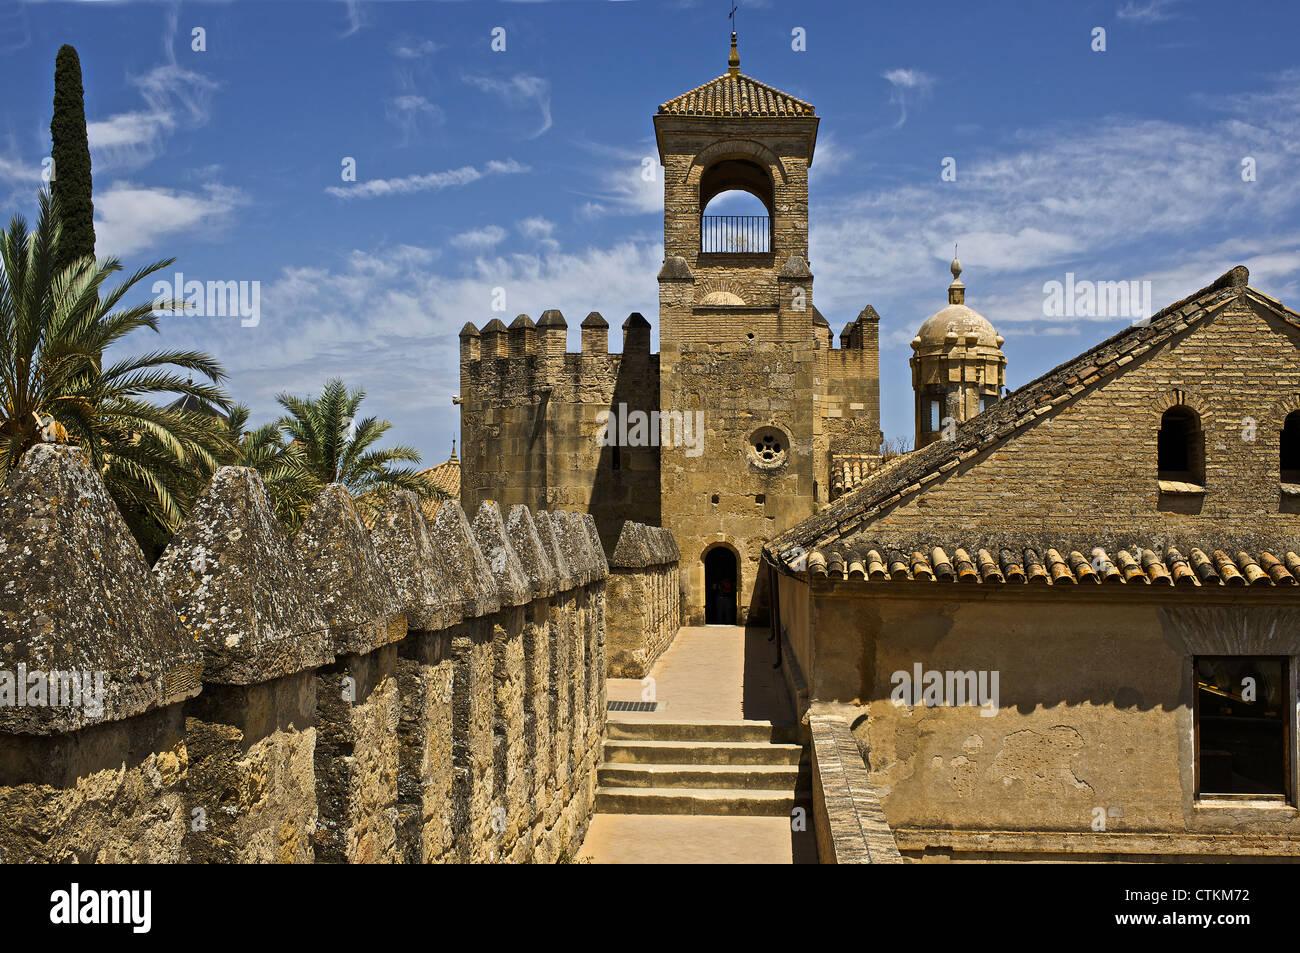 Spanien. Cordoba. Die christlichen Könige Alcazar. 14. Jahrhundert. Tribut-Turm aus dem Wall. Andalusien. Stockbild